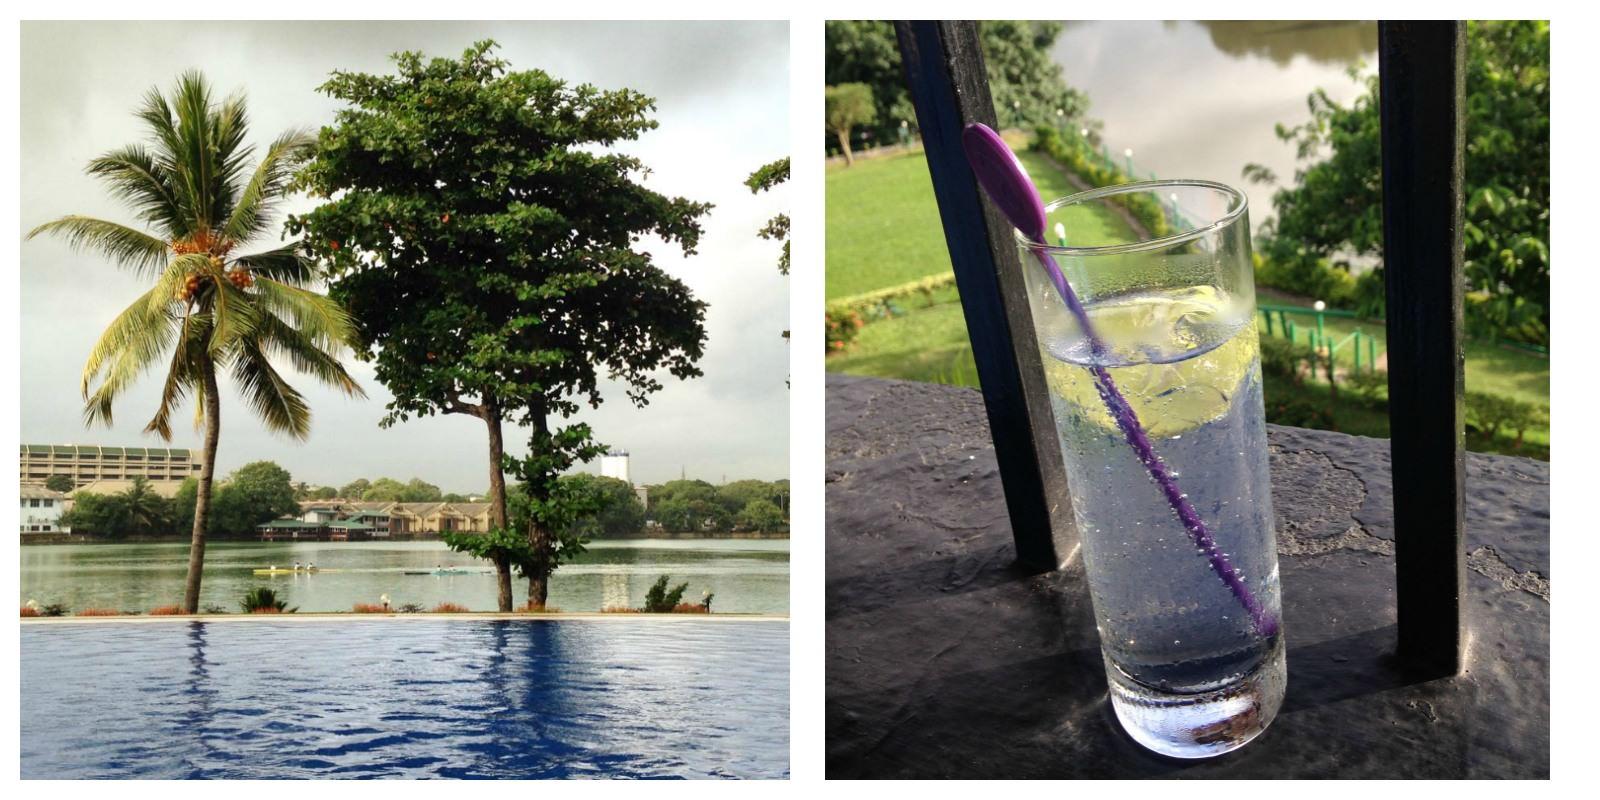 Cinnamon Lakeside Colombo, Sri Lanka - Pool & Lake View